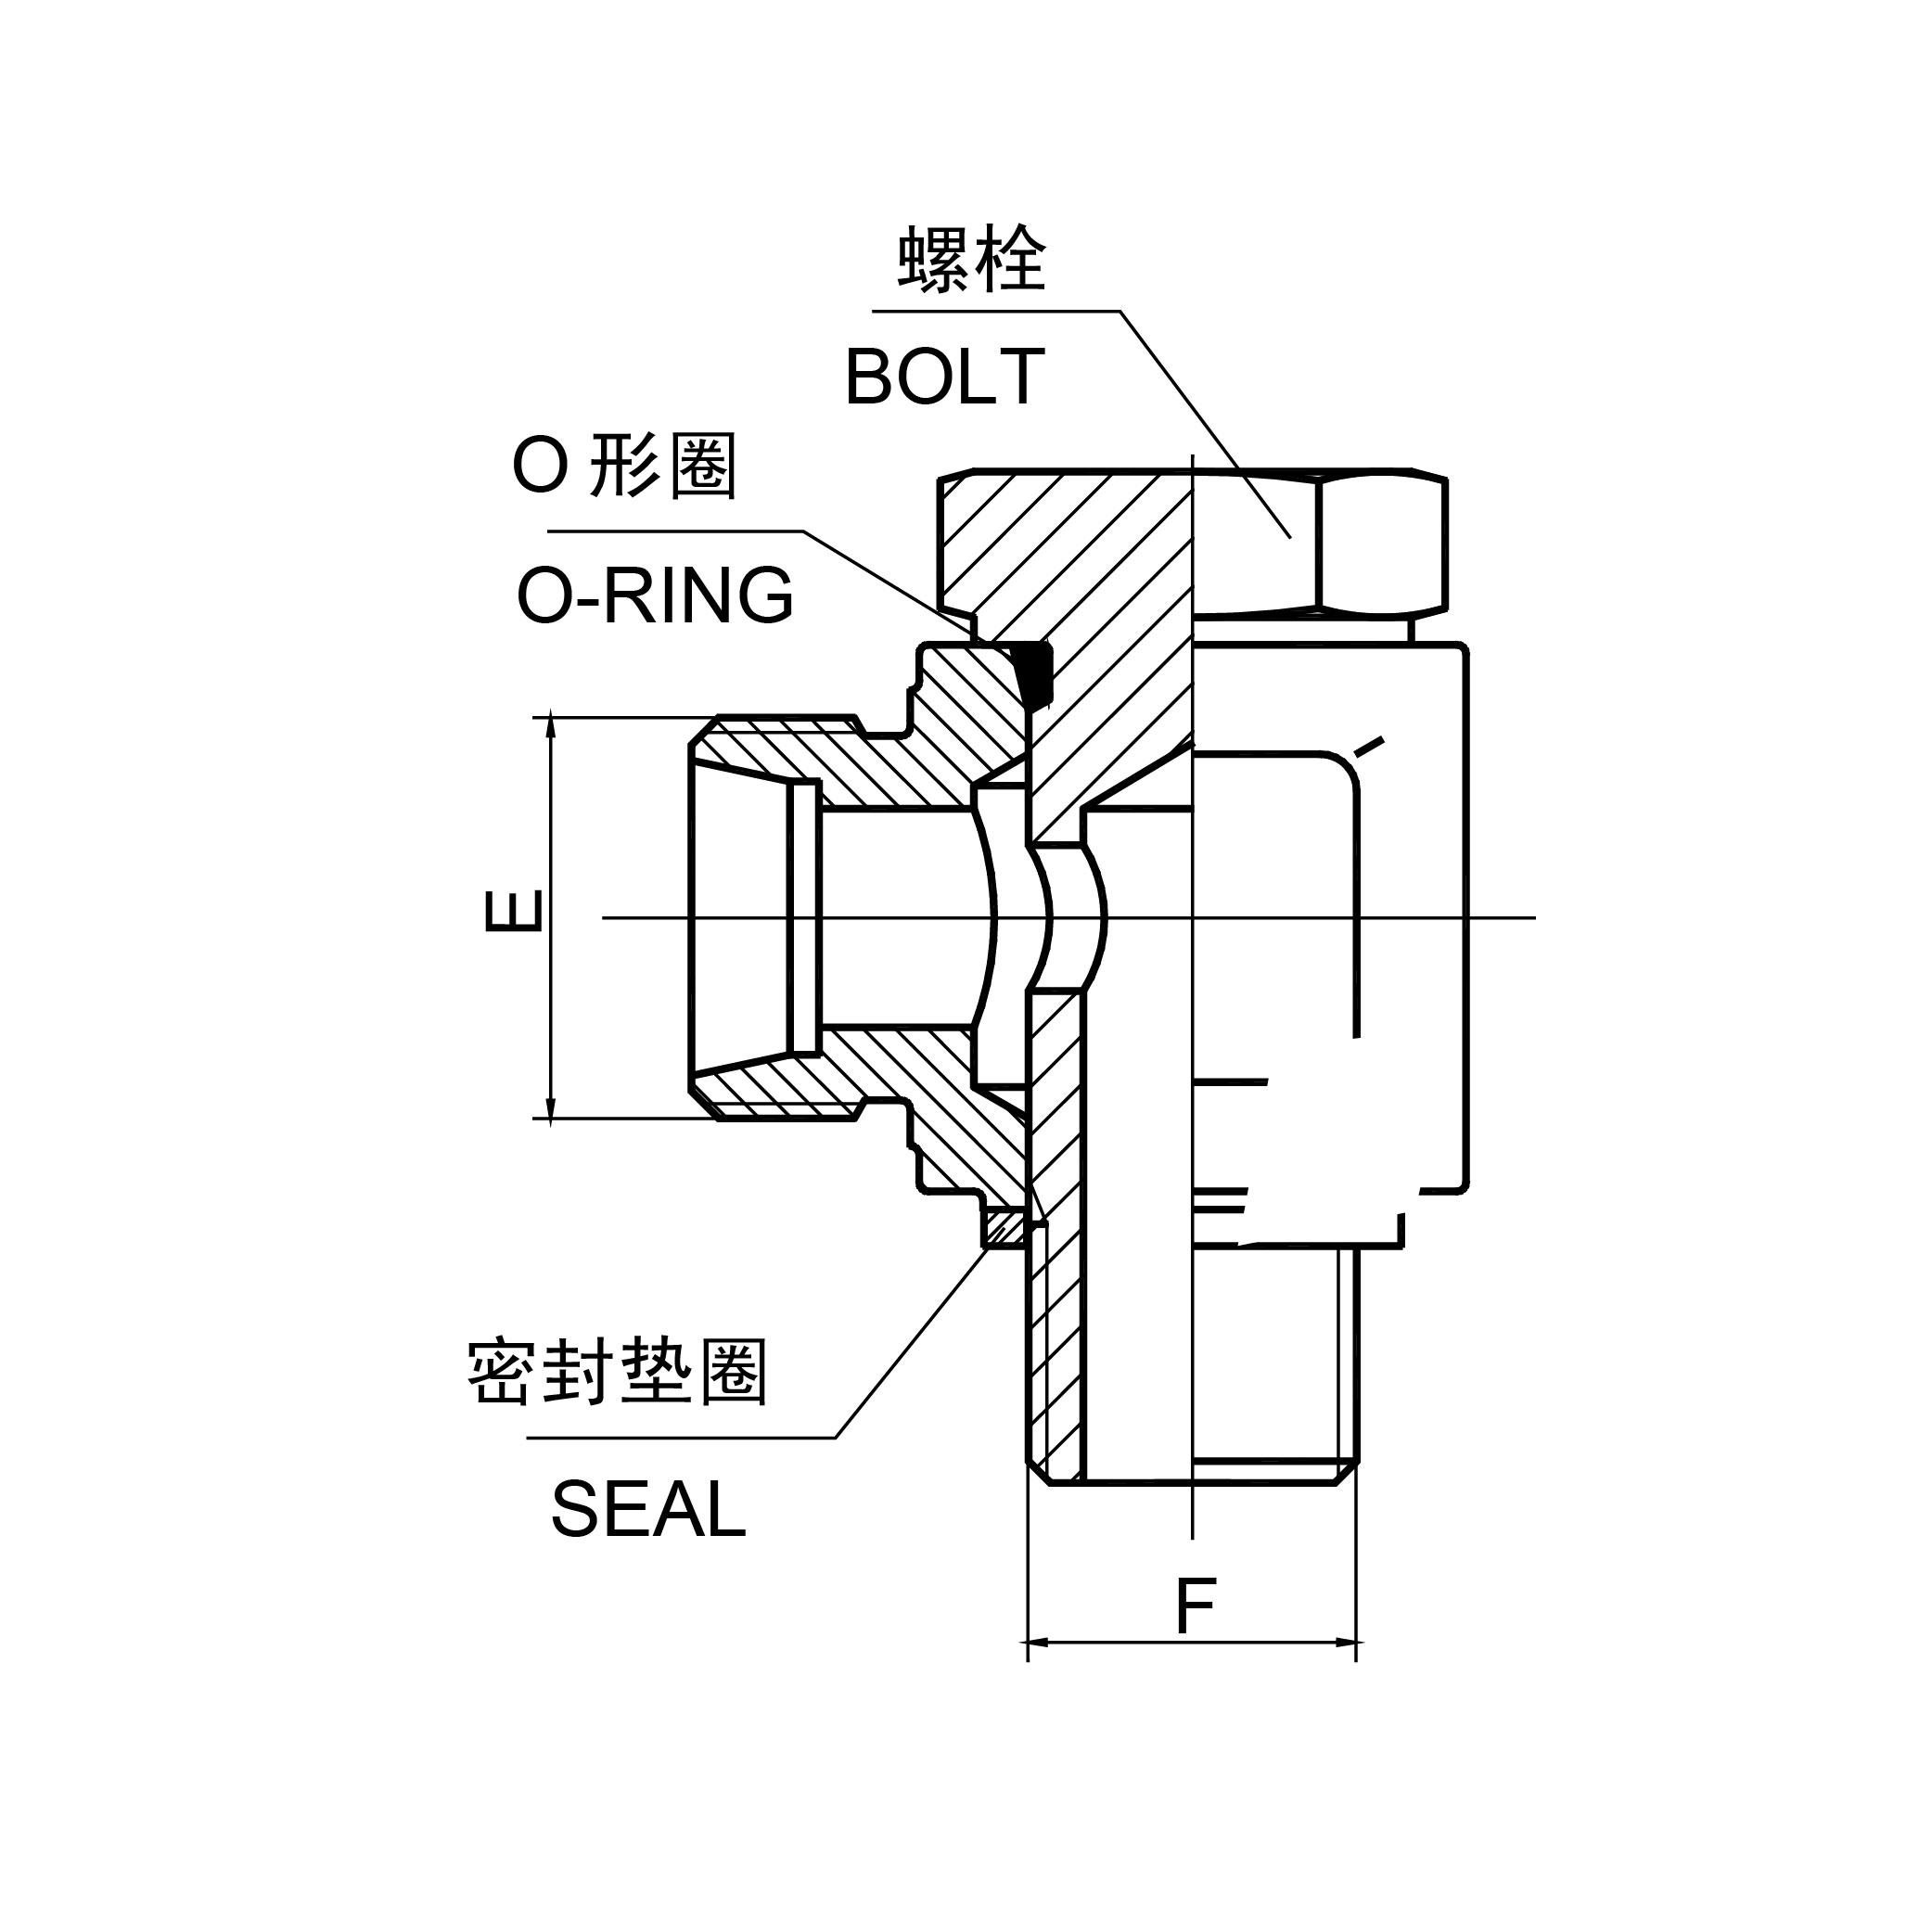 英管螺纹铰接接头 1CI-B/1DI-B